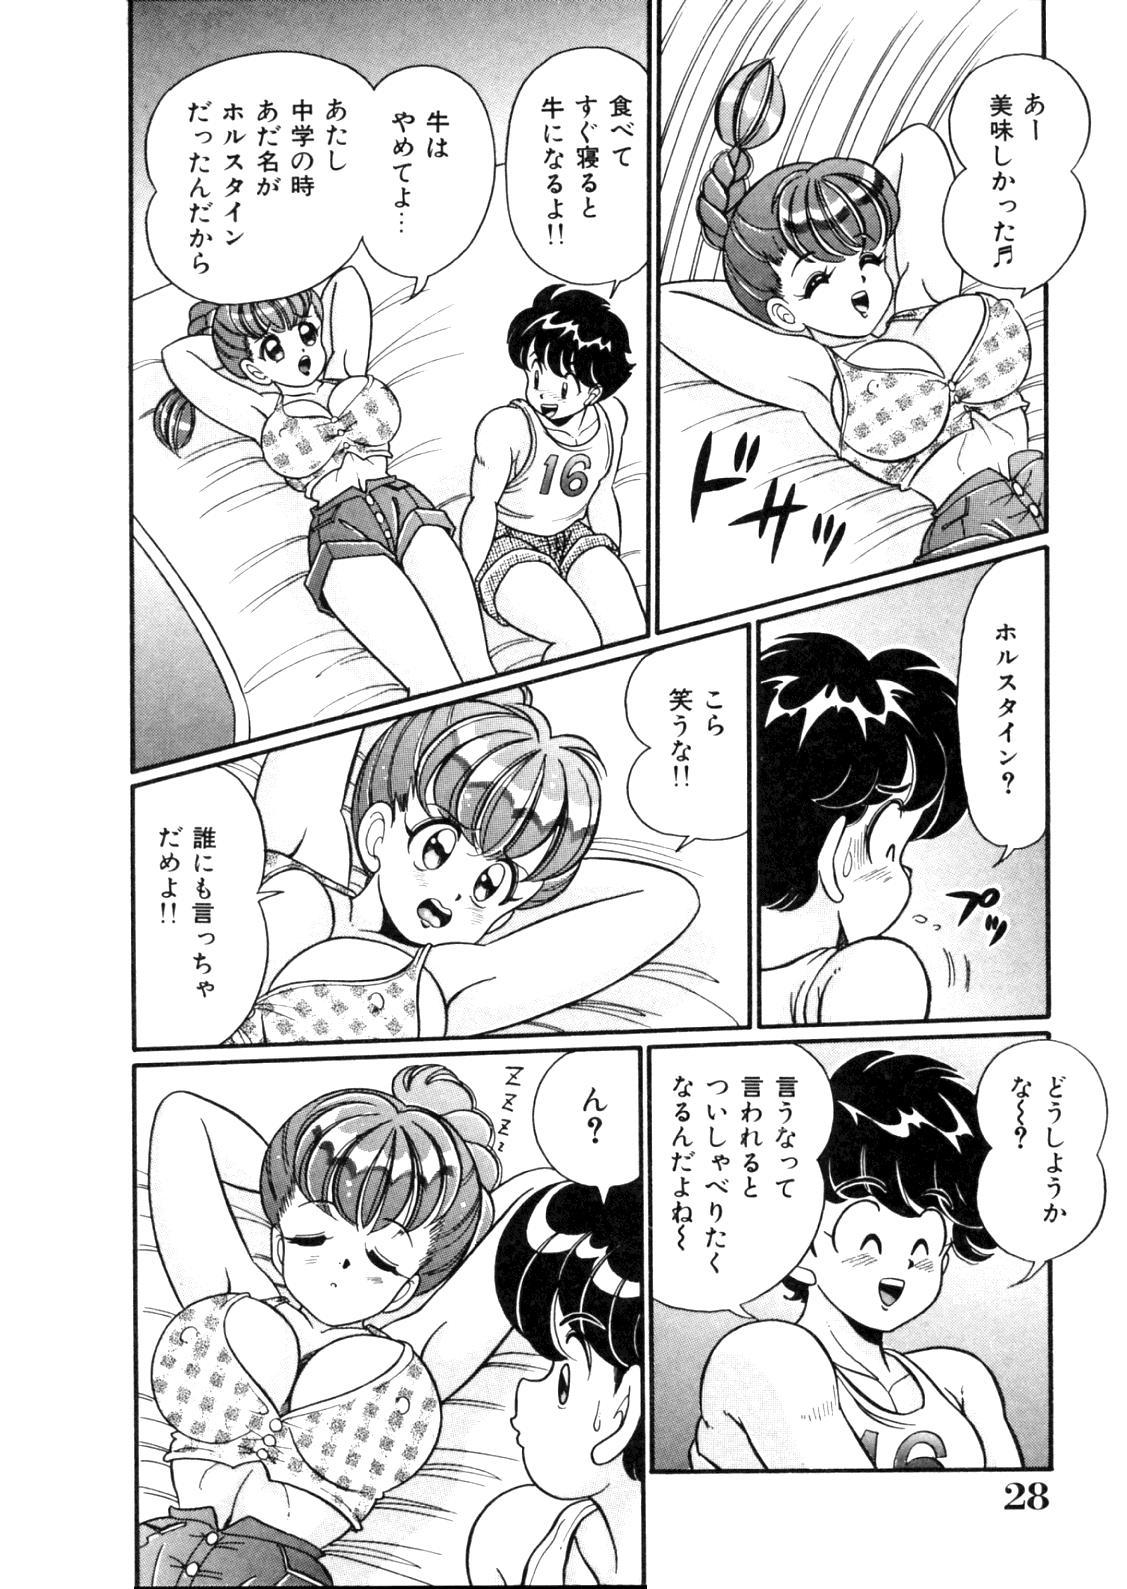 [Watanabe Wataru] Tonari no Onee-san - Sister of Neighborhood 29